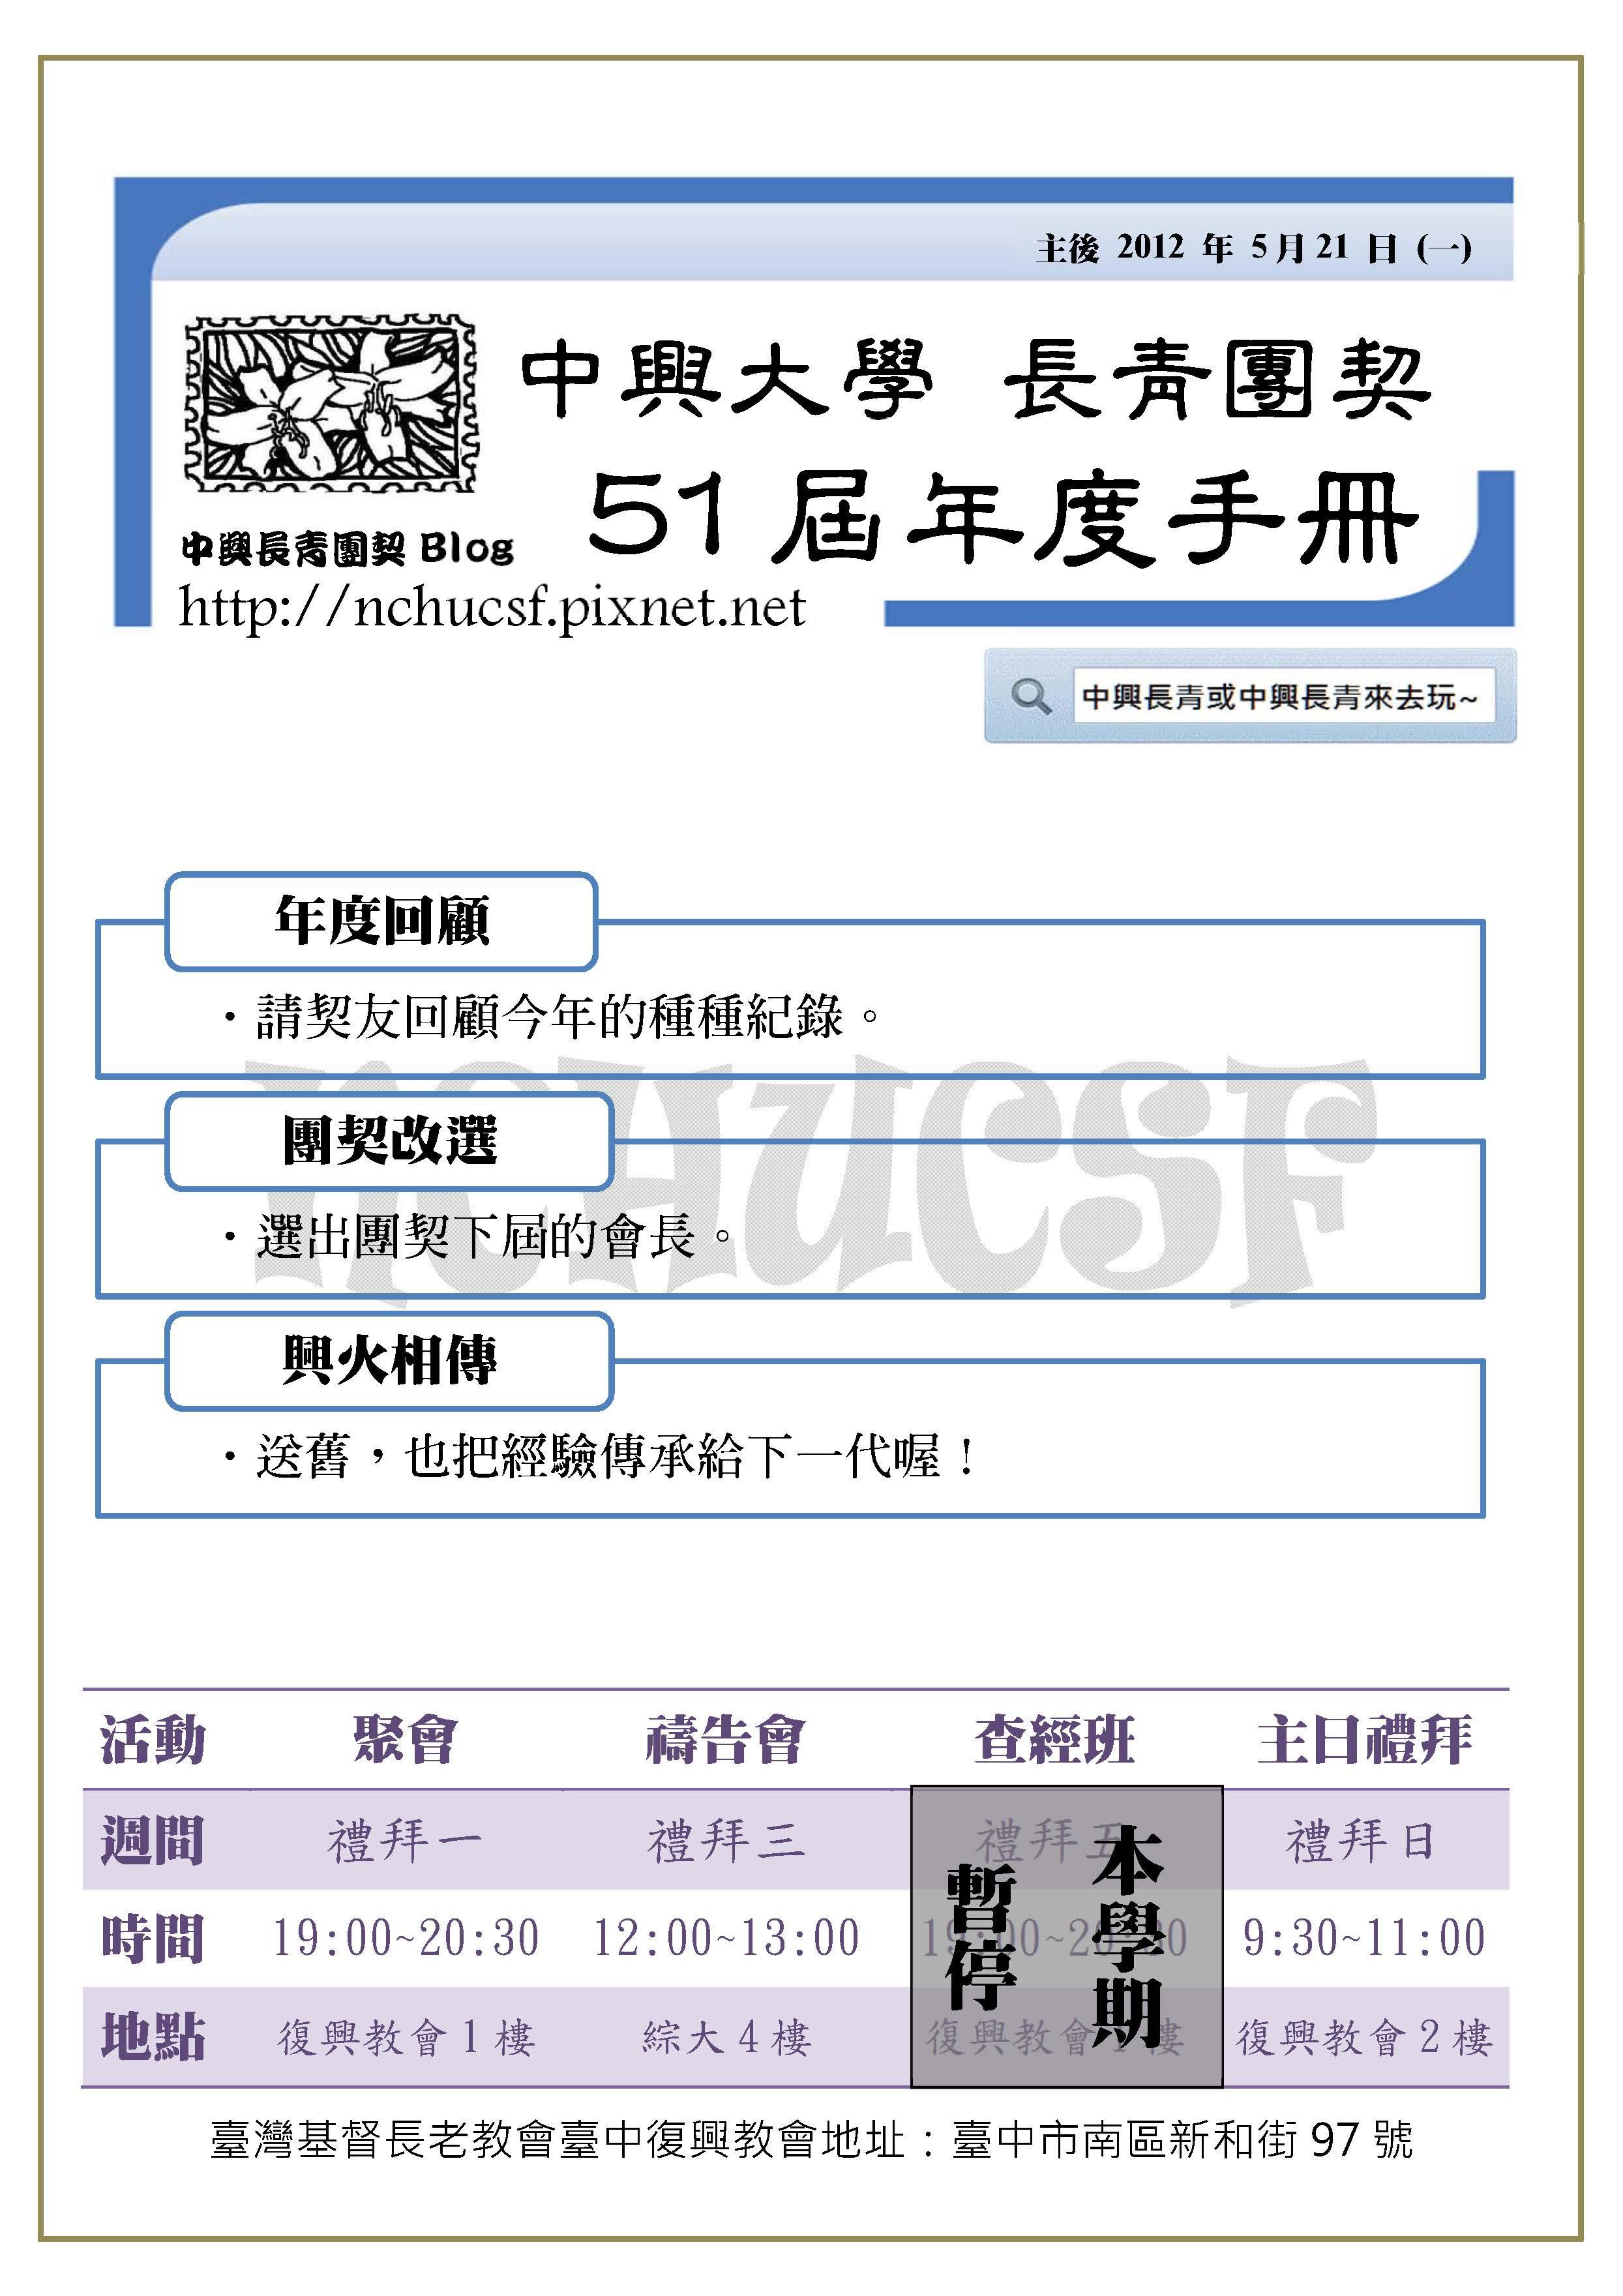 長青_51屆年度手冊_頁面_01